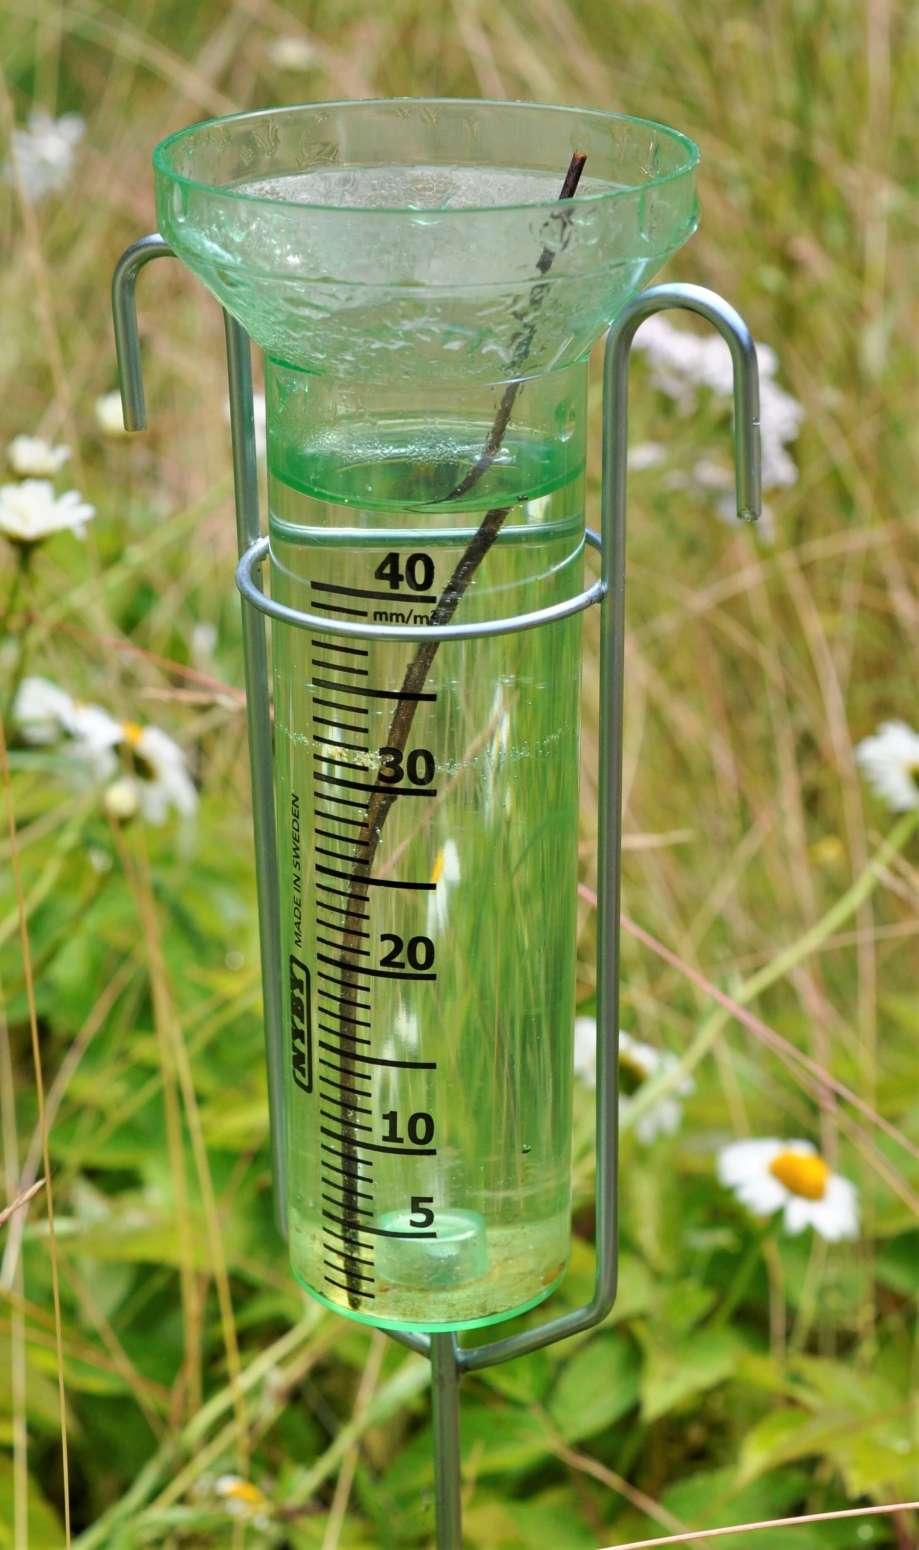 den genomskinliga regnmätaren innehåller ca 5 mm regn mer än vad graderingen räcker.